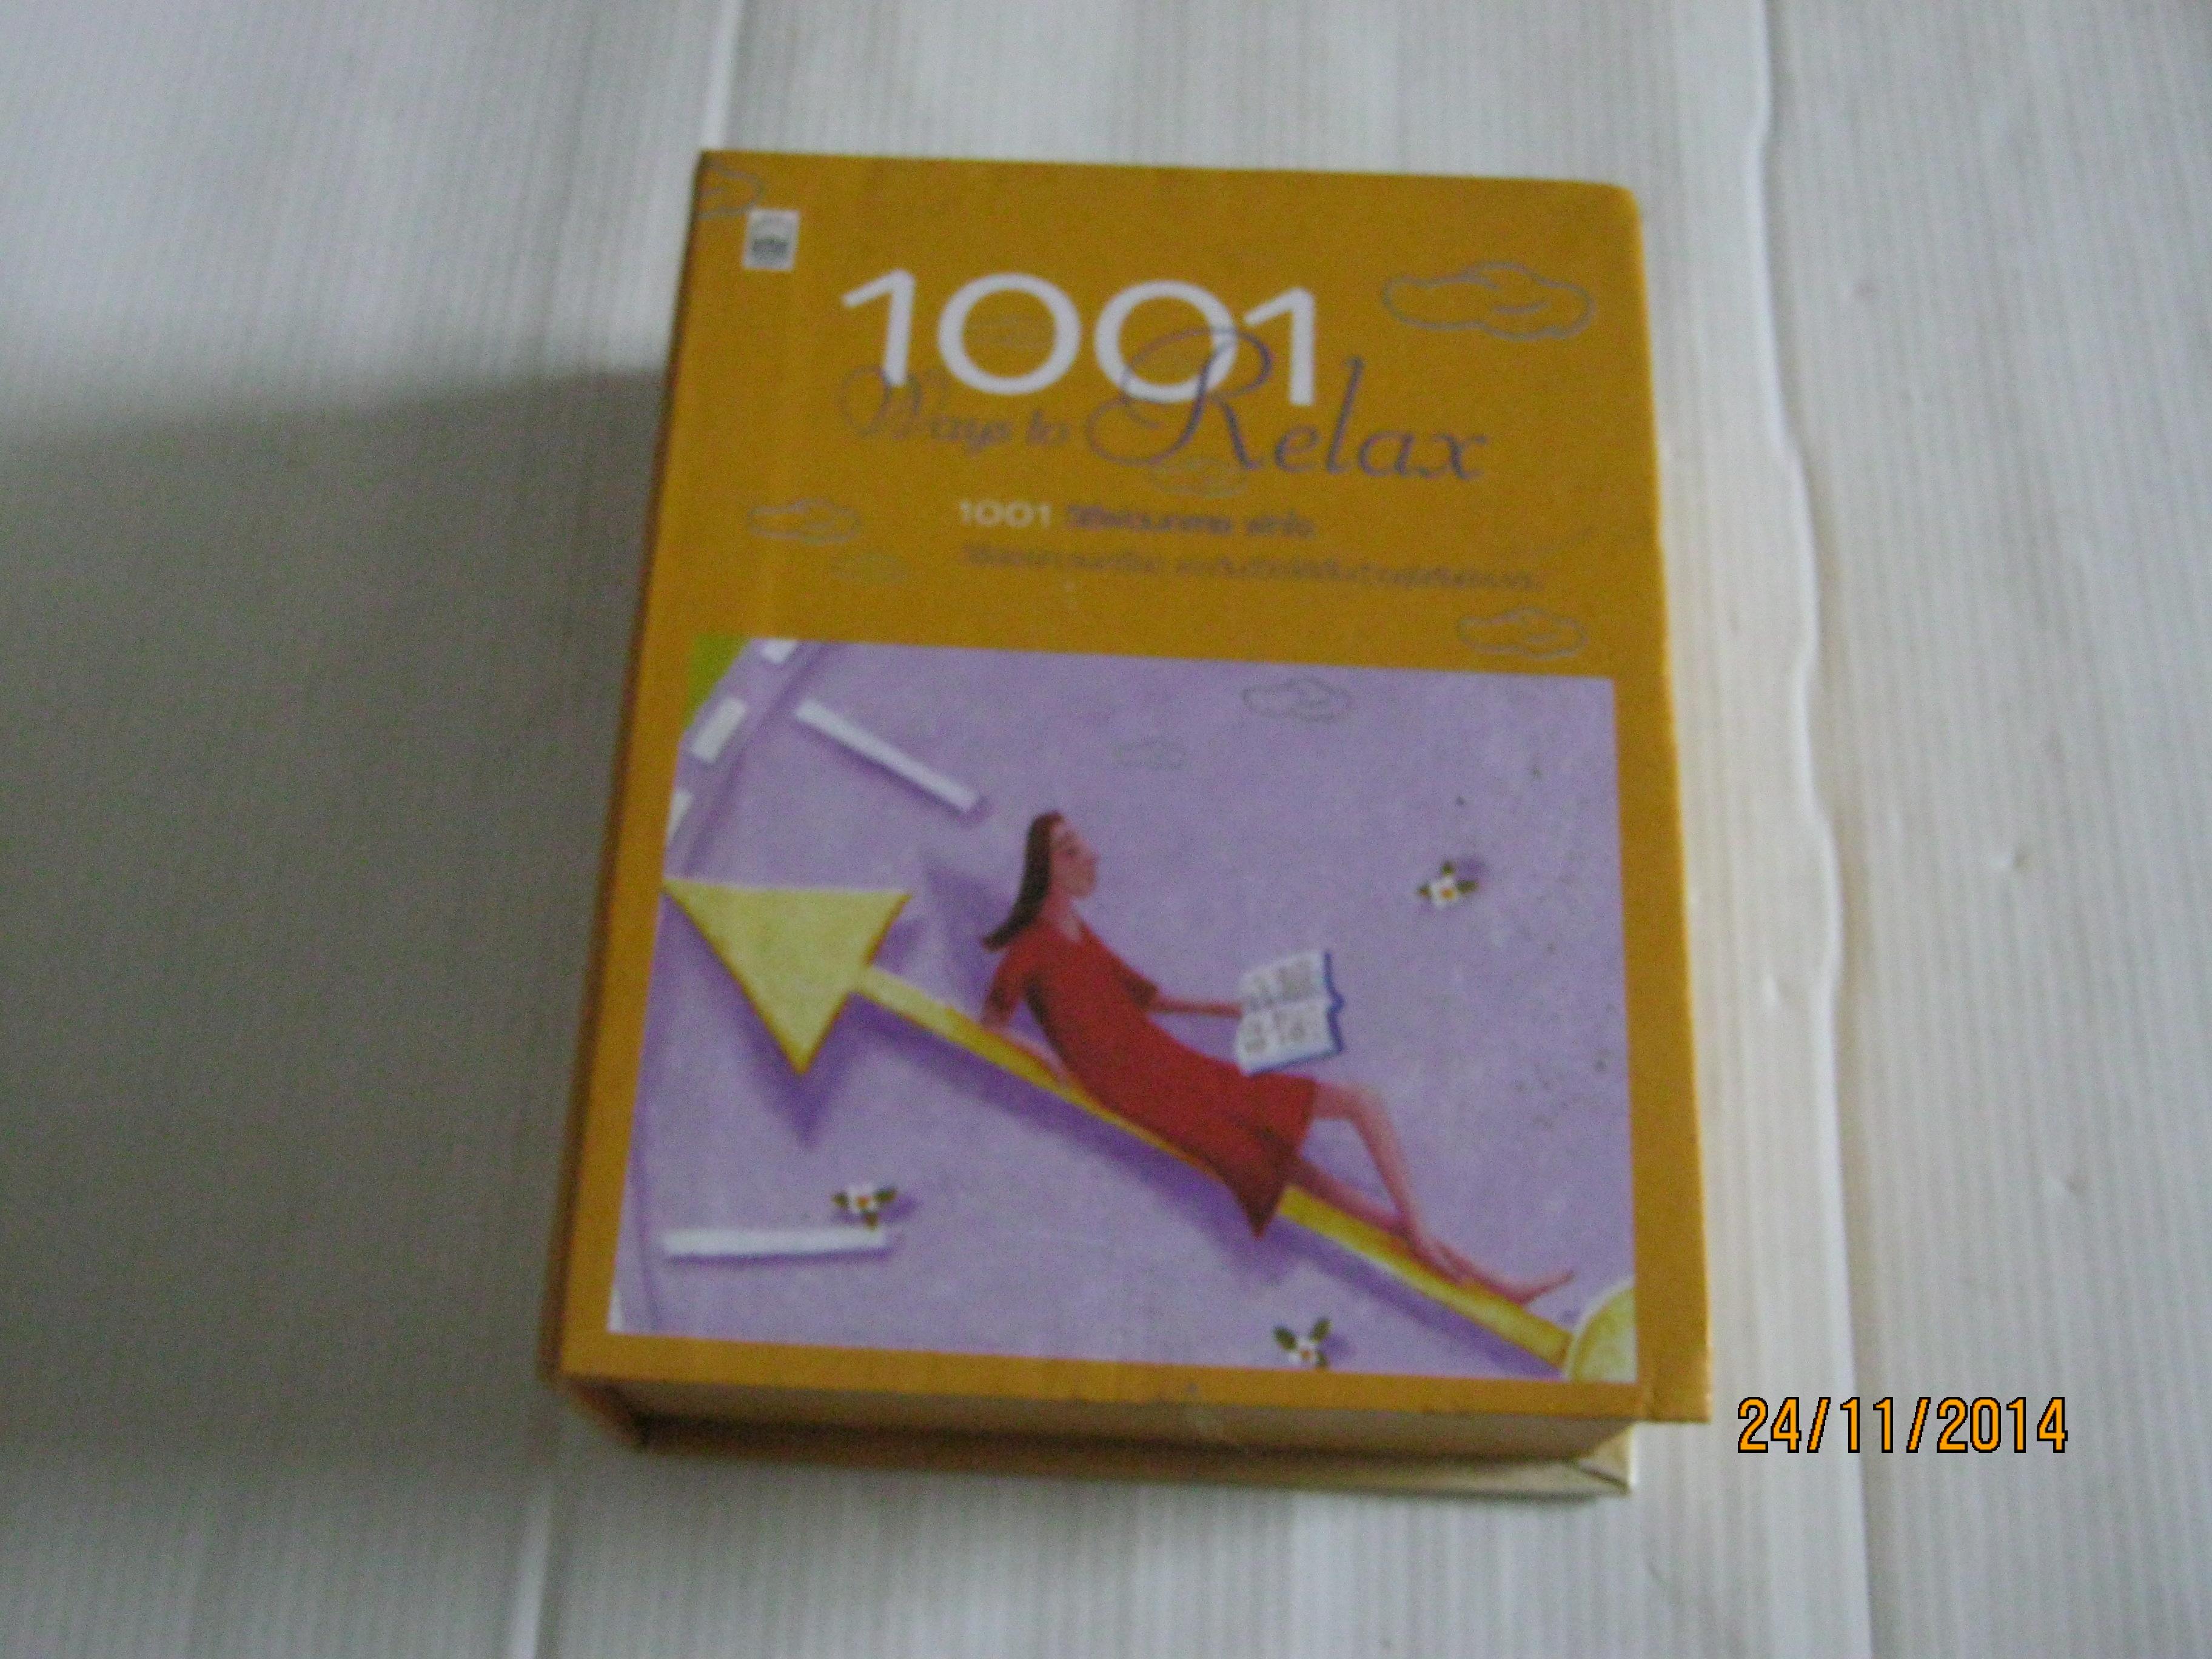 1001 วิธีผ่อนคลาย พักใจ (1101 Ways to Relax) Mike George เขียน จิตติ วารีวรรณ แปล